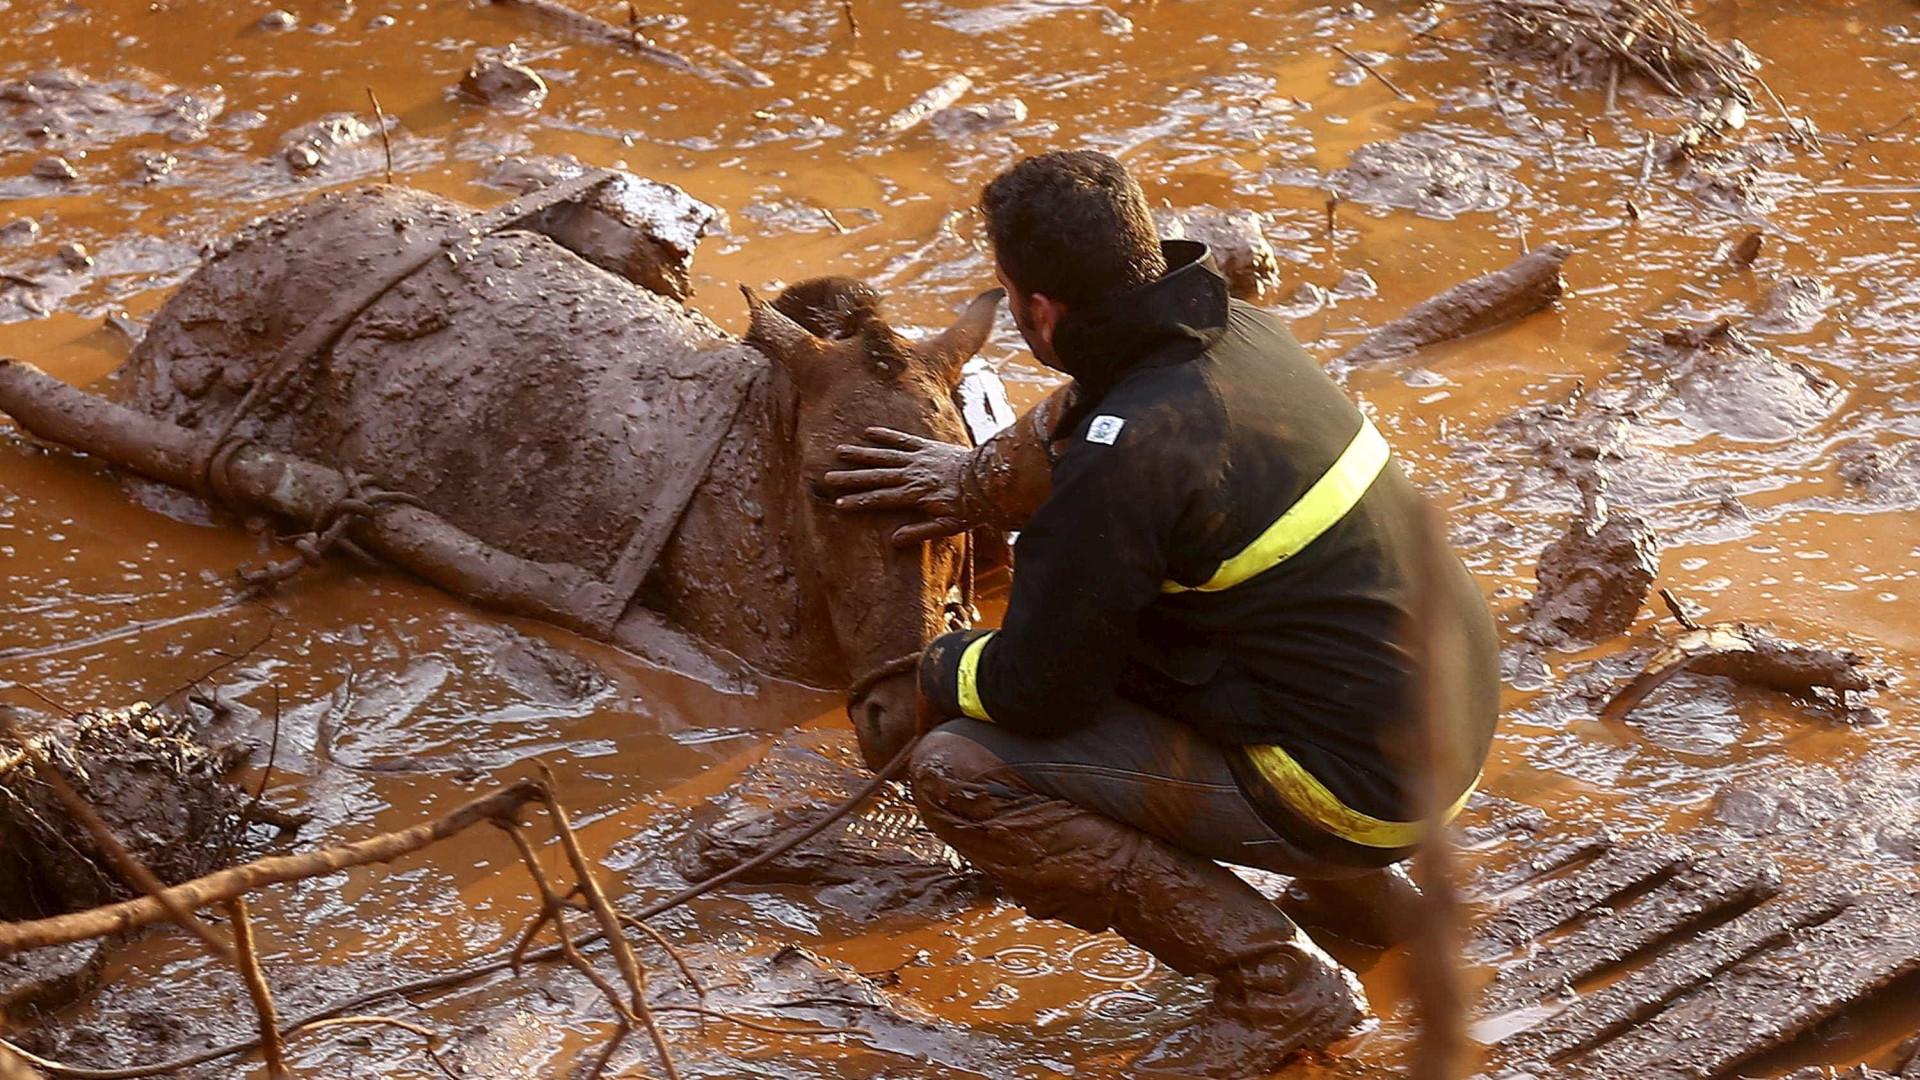 Urubus 'ajudam' bombeiros nas buscas por corpos em Mariana